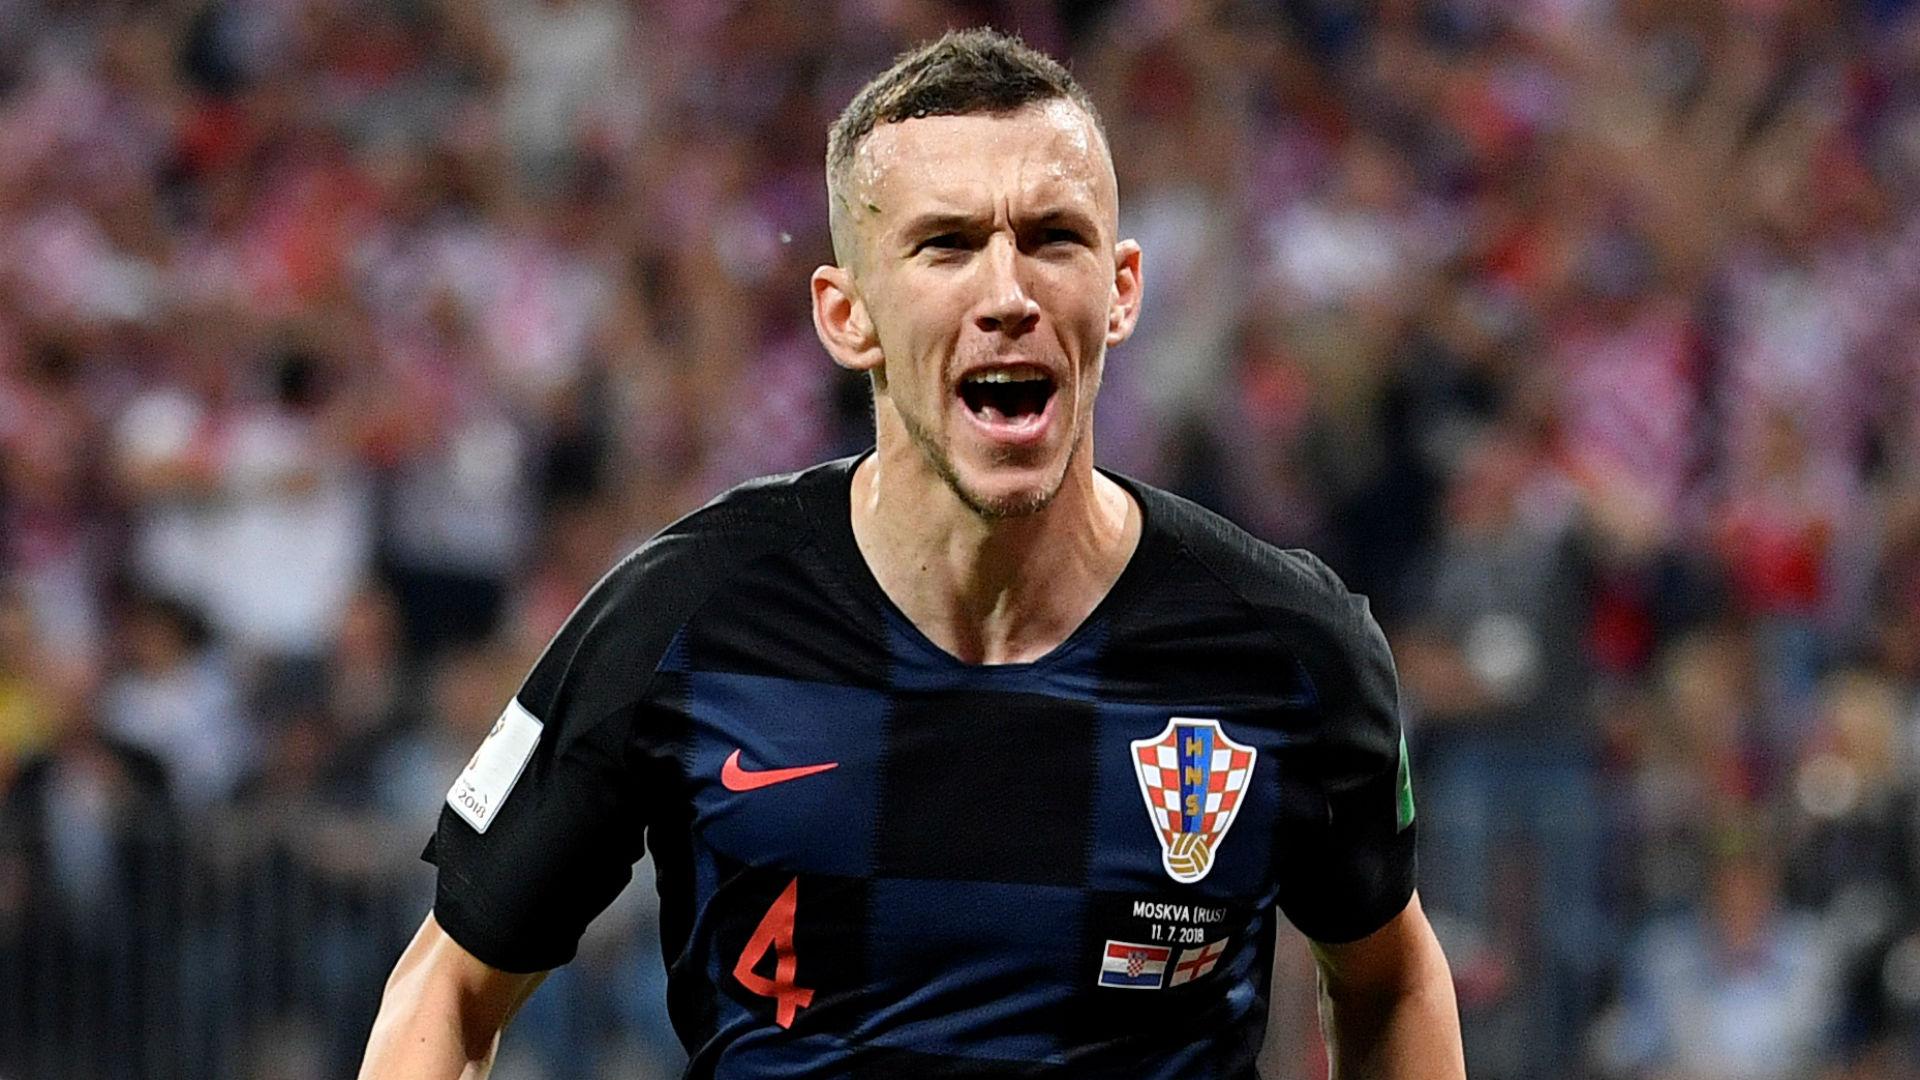 CdM 2018 : la Croatie trolle déjà l'équipe de France !